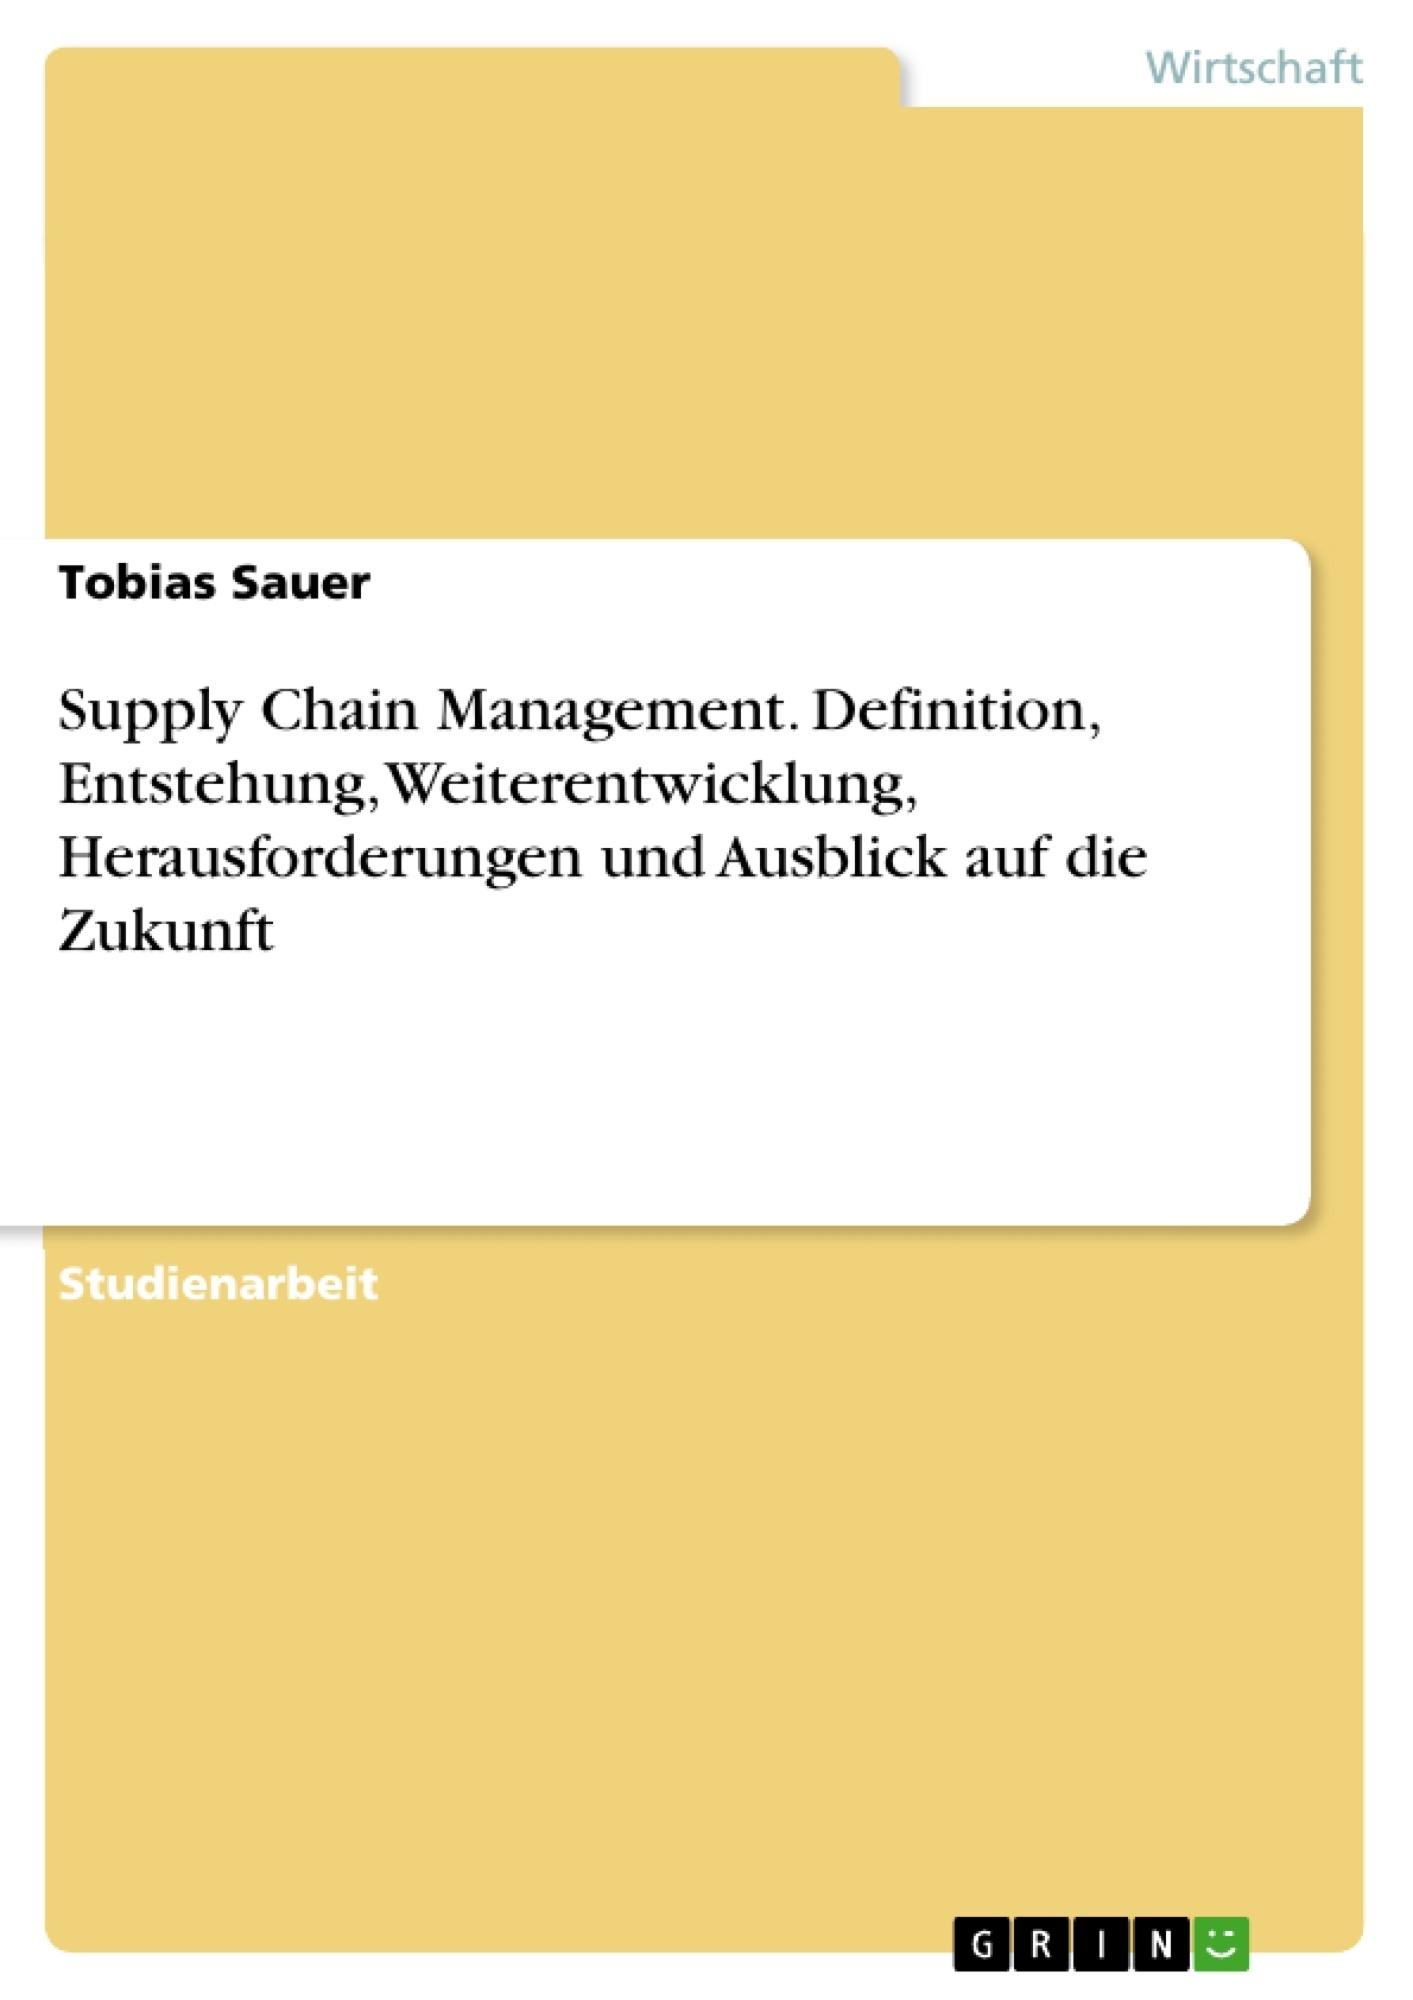 Titel: Supply Chain Management. Definition, Entstehung, Weiterentwicklung, Herausforderungen und Ausblick auf die Zukunft